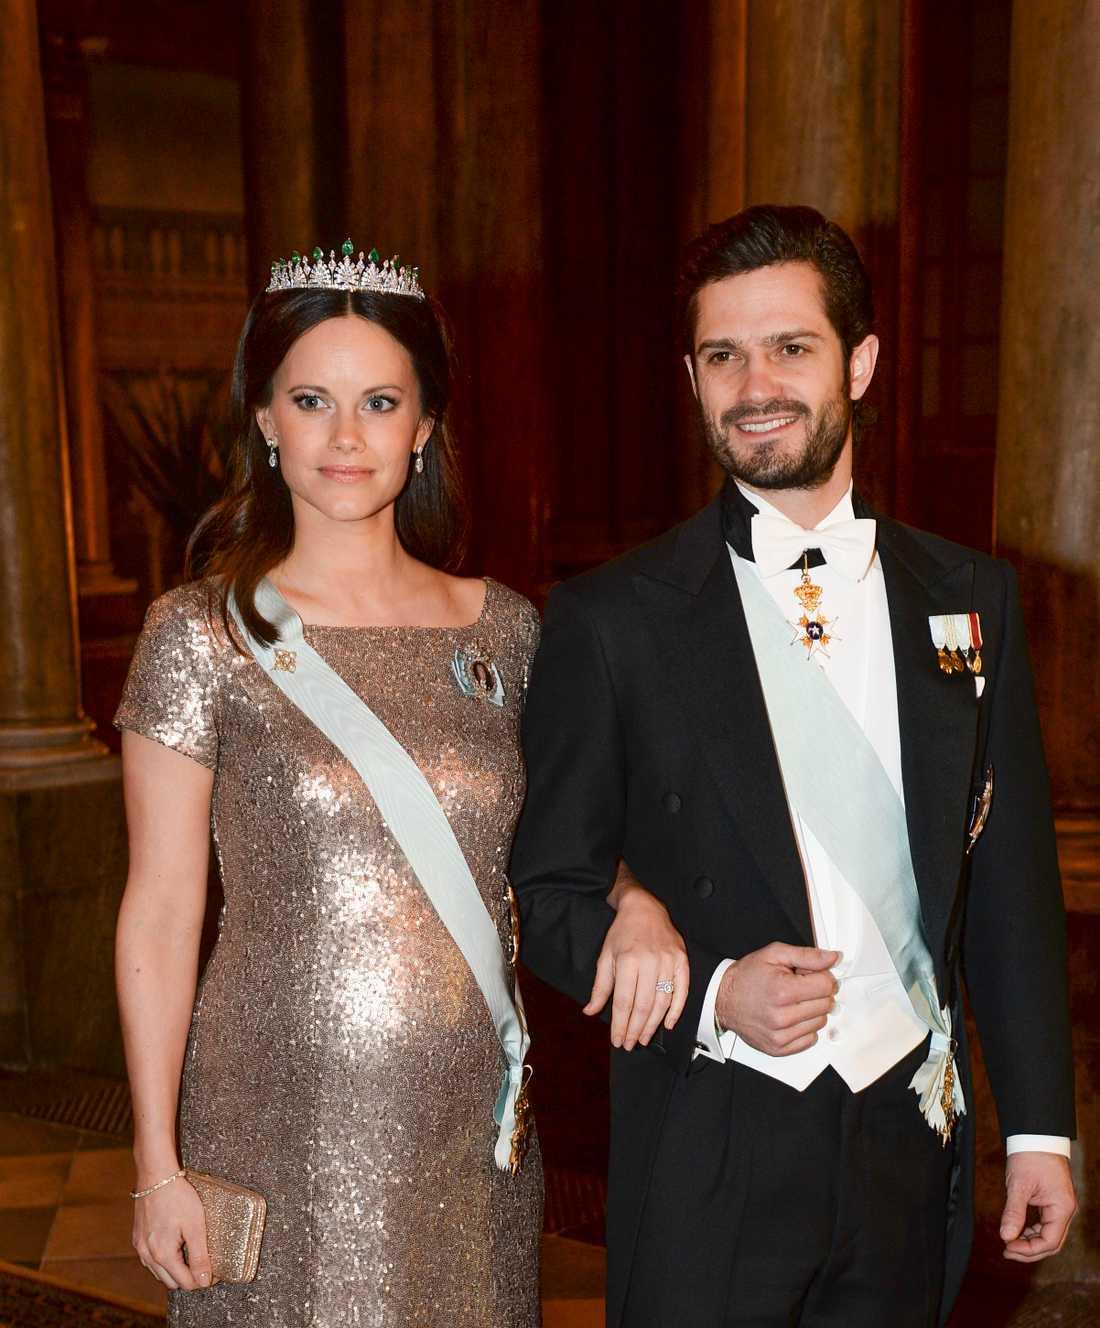 Prinsessan Sofia och prins Carl Philip syntes ofta ute i vimlet tillsammans under graviditeten.